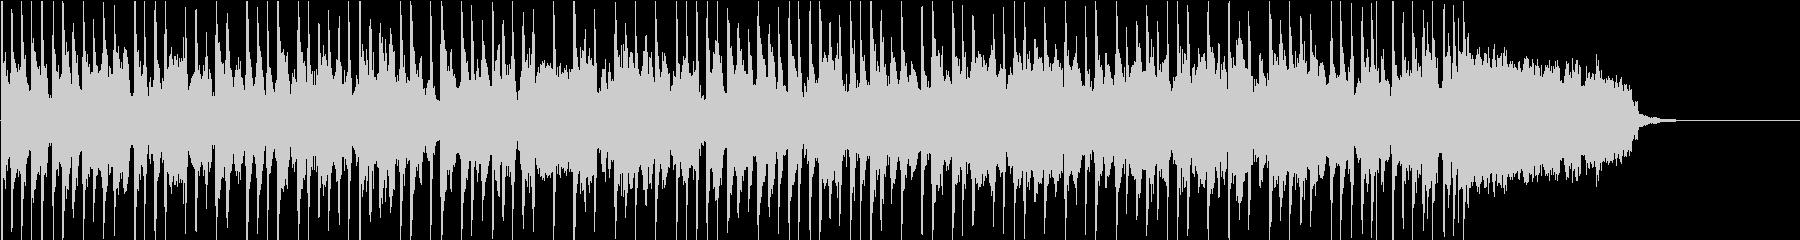 レトロ感の切ないピアノとヴィブラフォンの未再生の波形